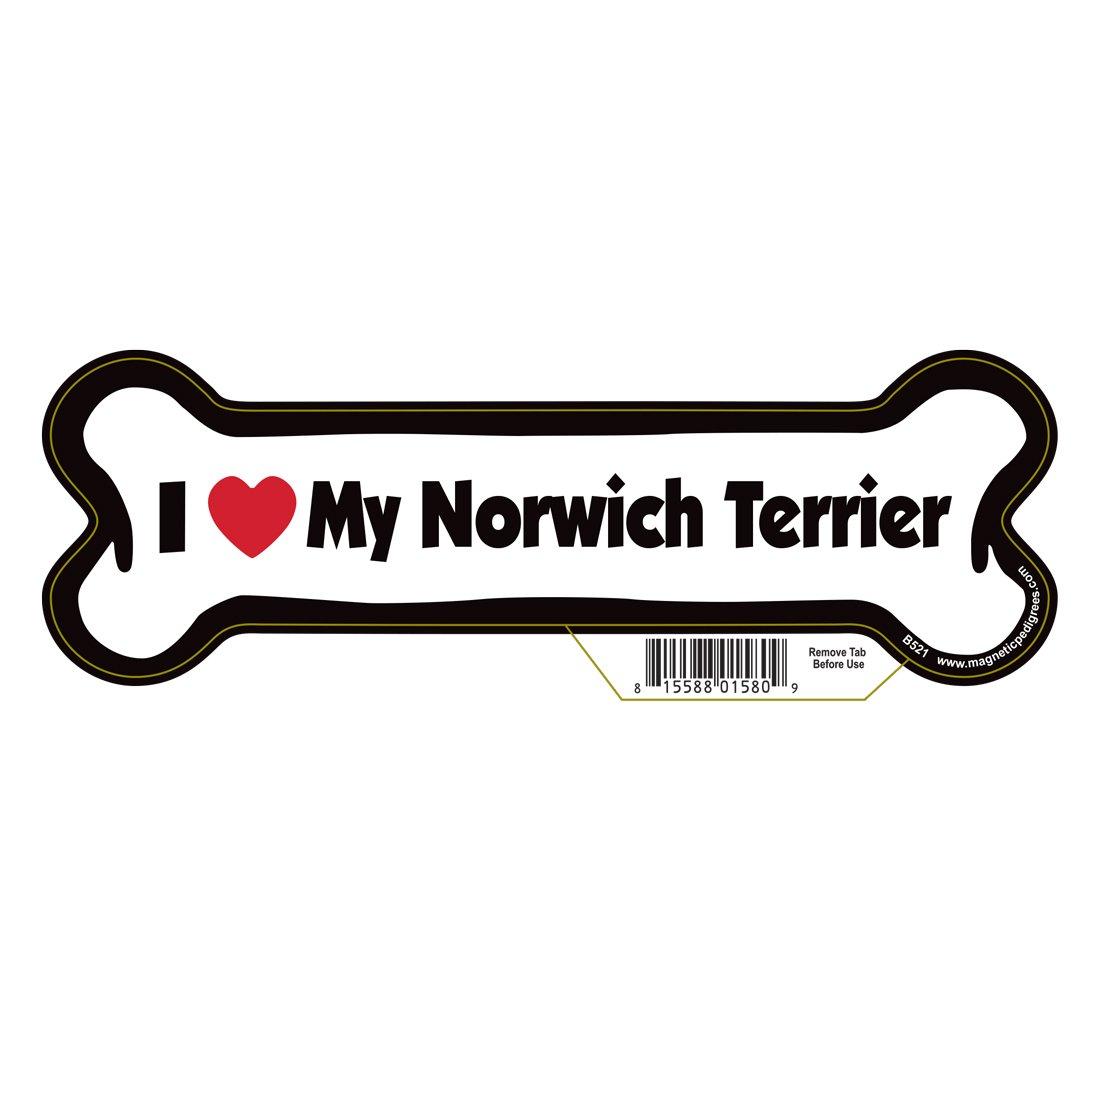 Norwich Terrier Dog Bone Magnet